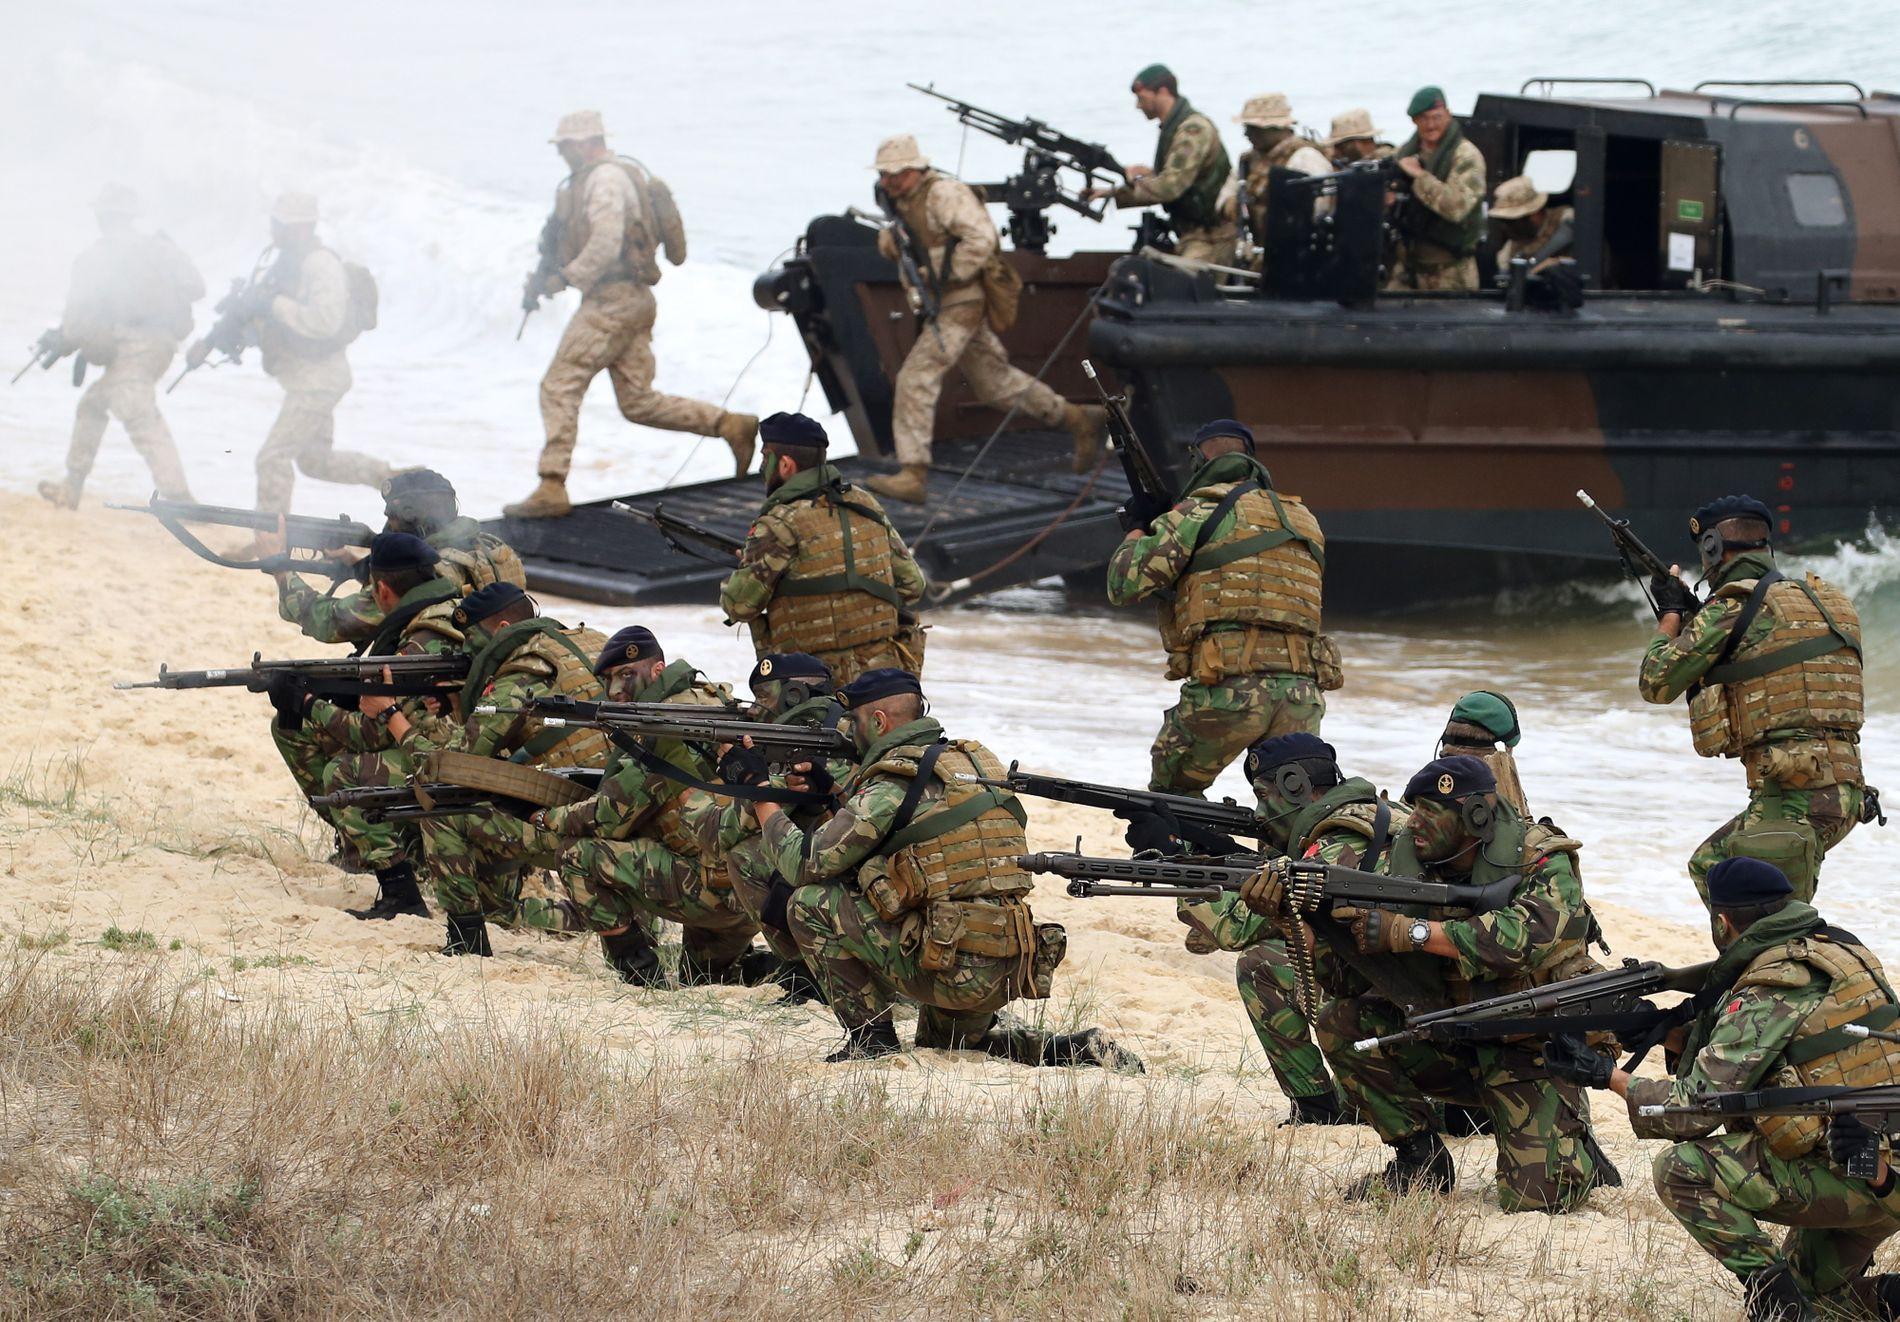 FORRIGE GANG: Portugisiske soldater tar seg inn på land i Troia, omkring 100 kilometer sør for Lisboa, i november 2015. Det var forrige gang NATO gjennomførte Trident Juncture-øvelsen.